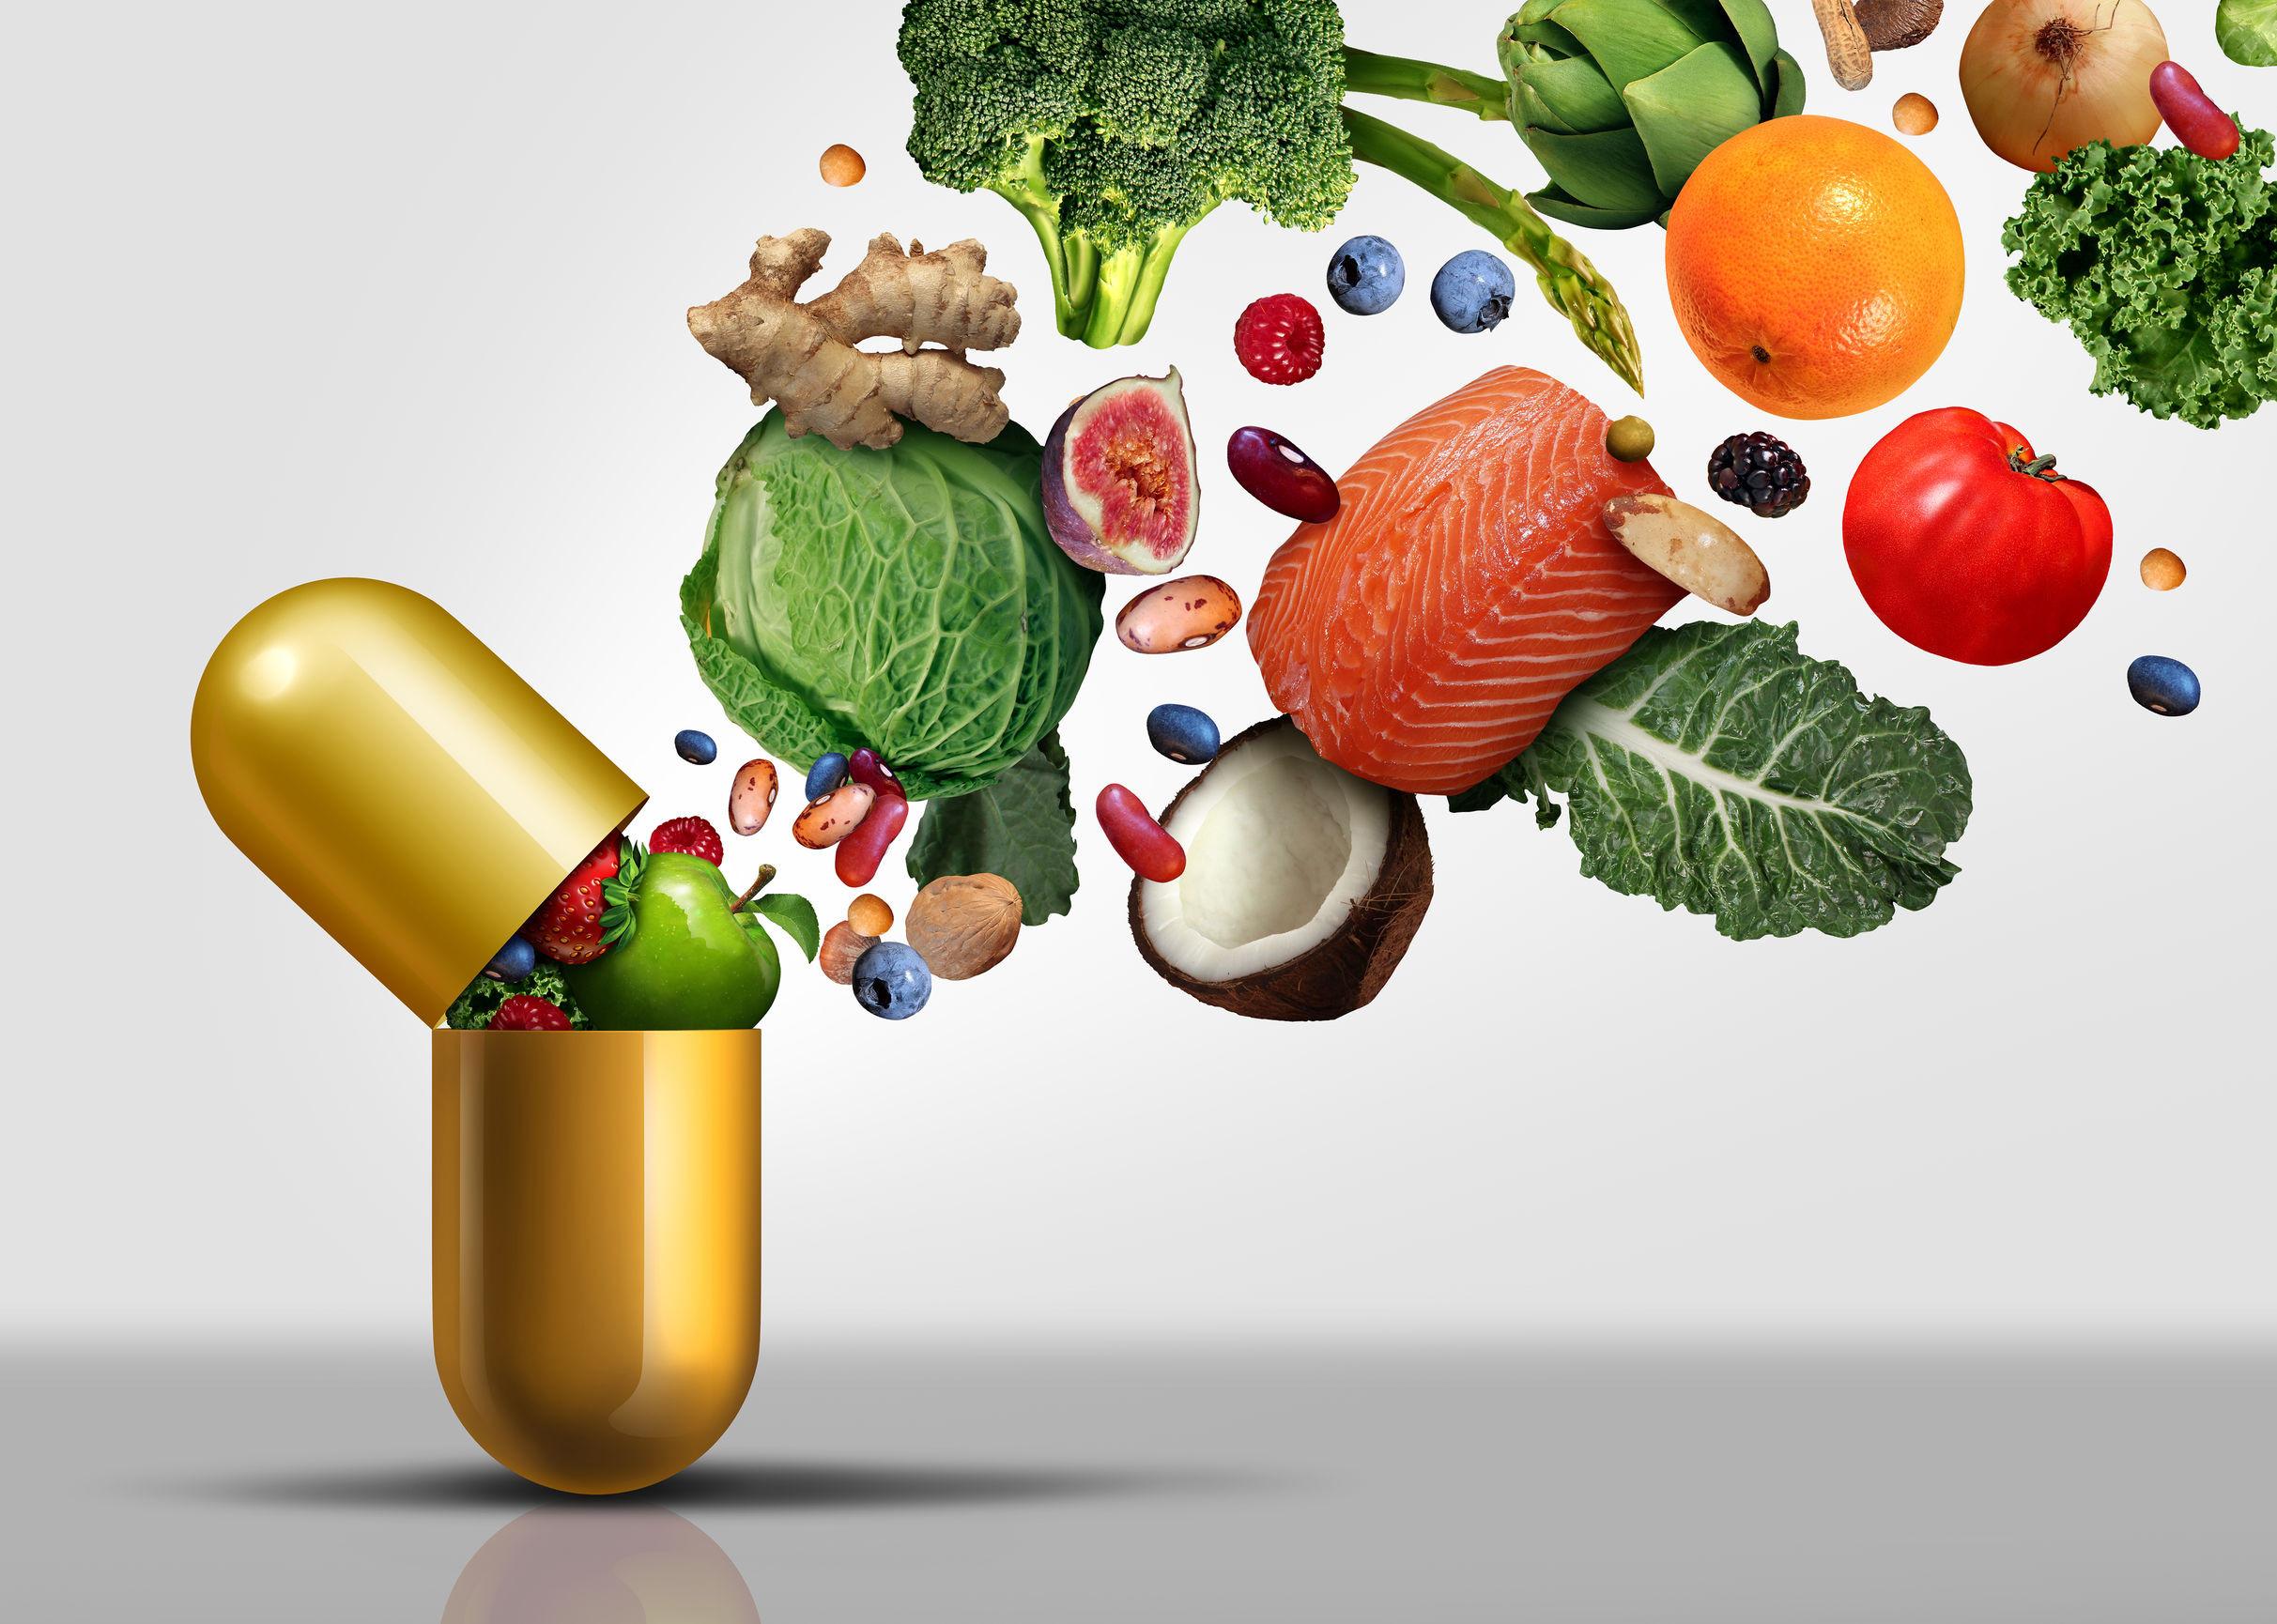 Dieet, suppletie, dagelijkse lichaamsbeweging - is het gewichtsverlies, of is het energie en vitaliteit?